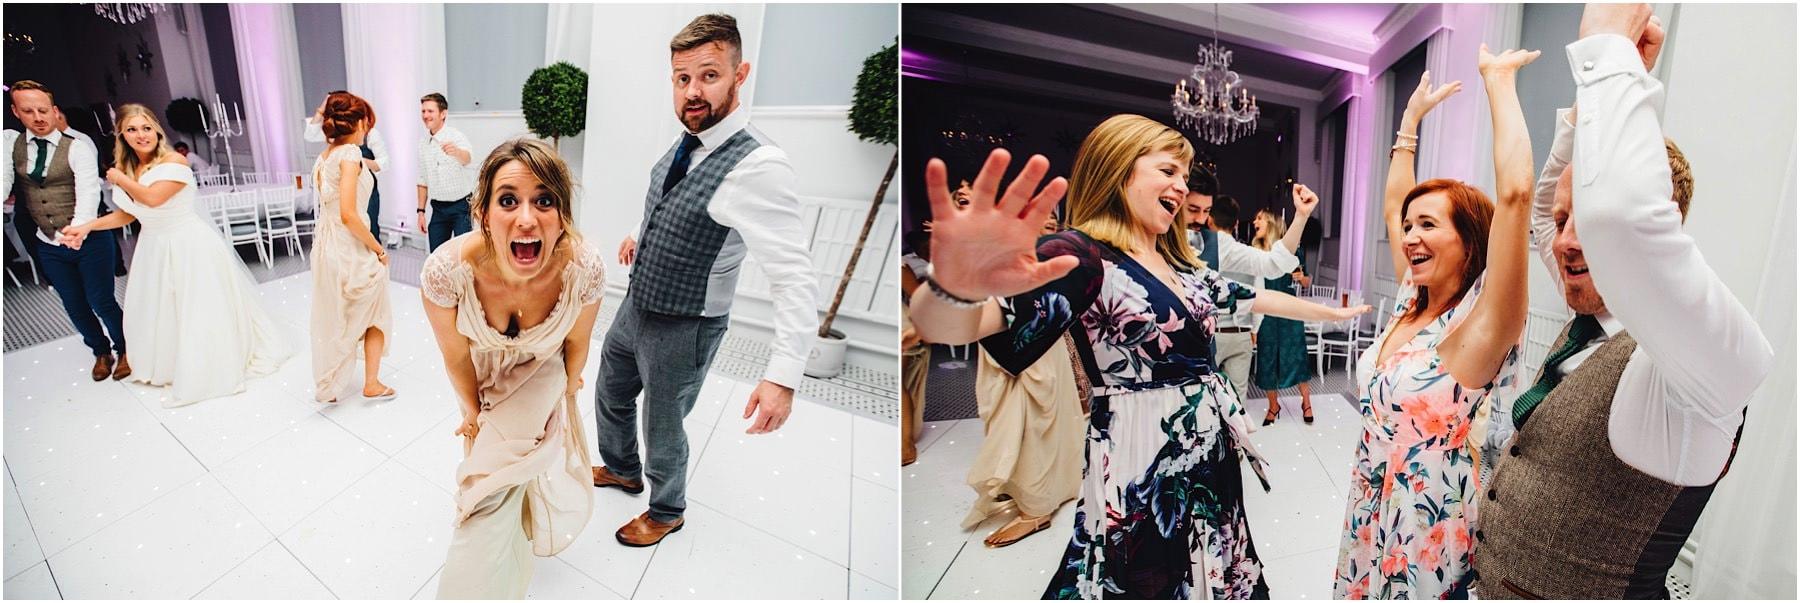 lots of wedding guests dancing